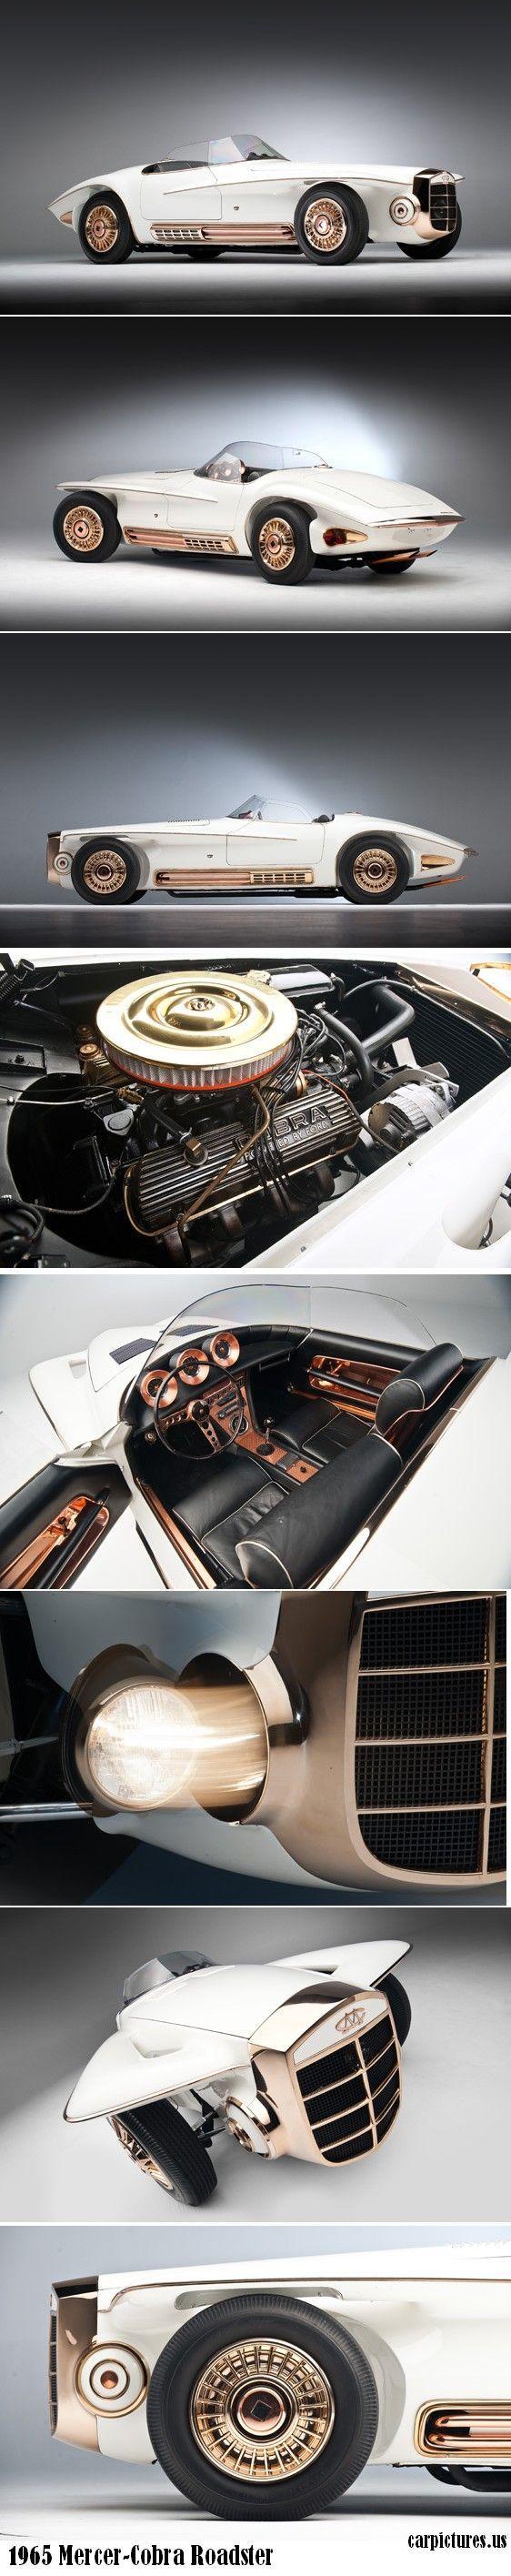 1965 Mercer-Cobra Roadster 289 V8